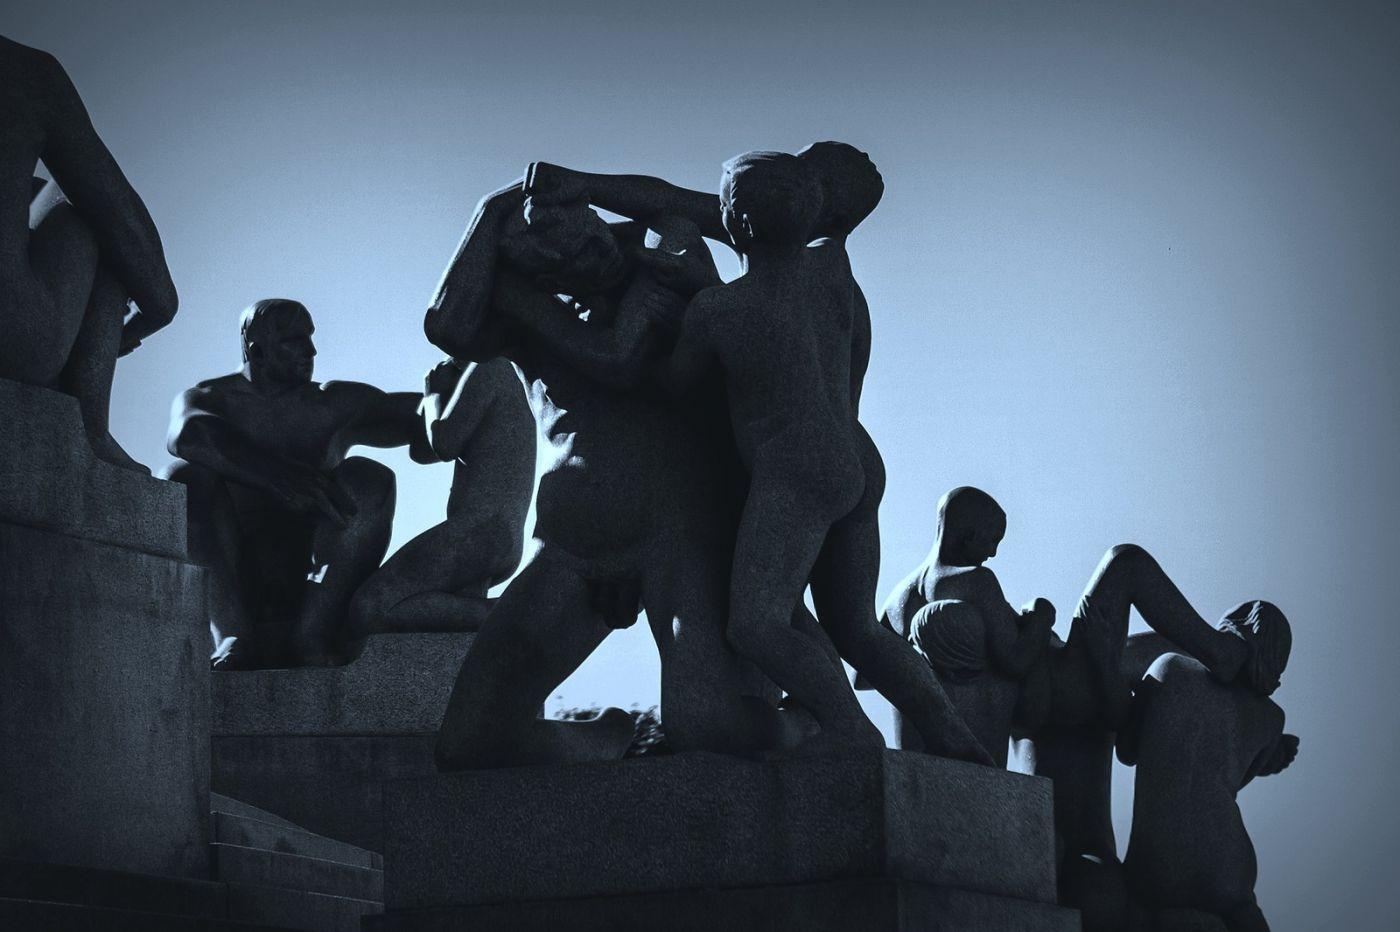 挪威维格兰雕塑公园,艺术的确来自生活_图1-17